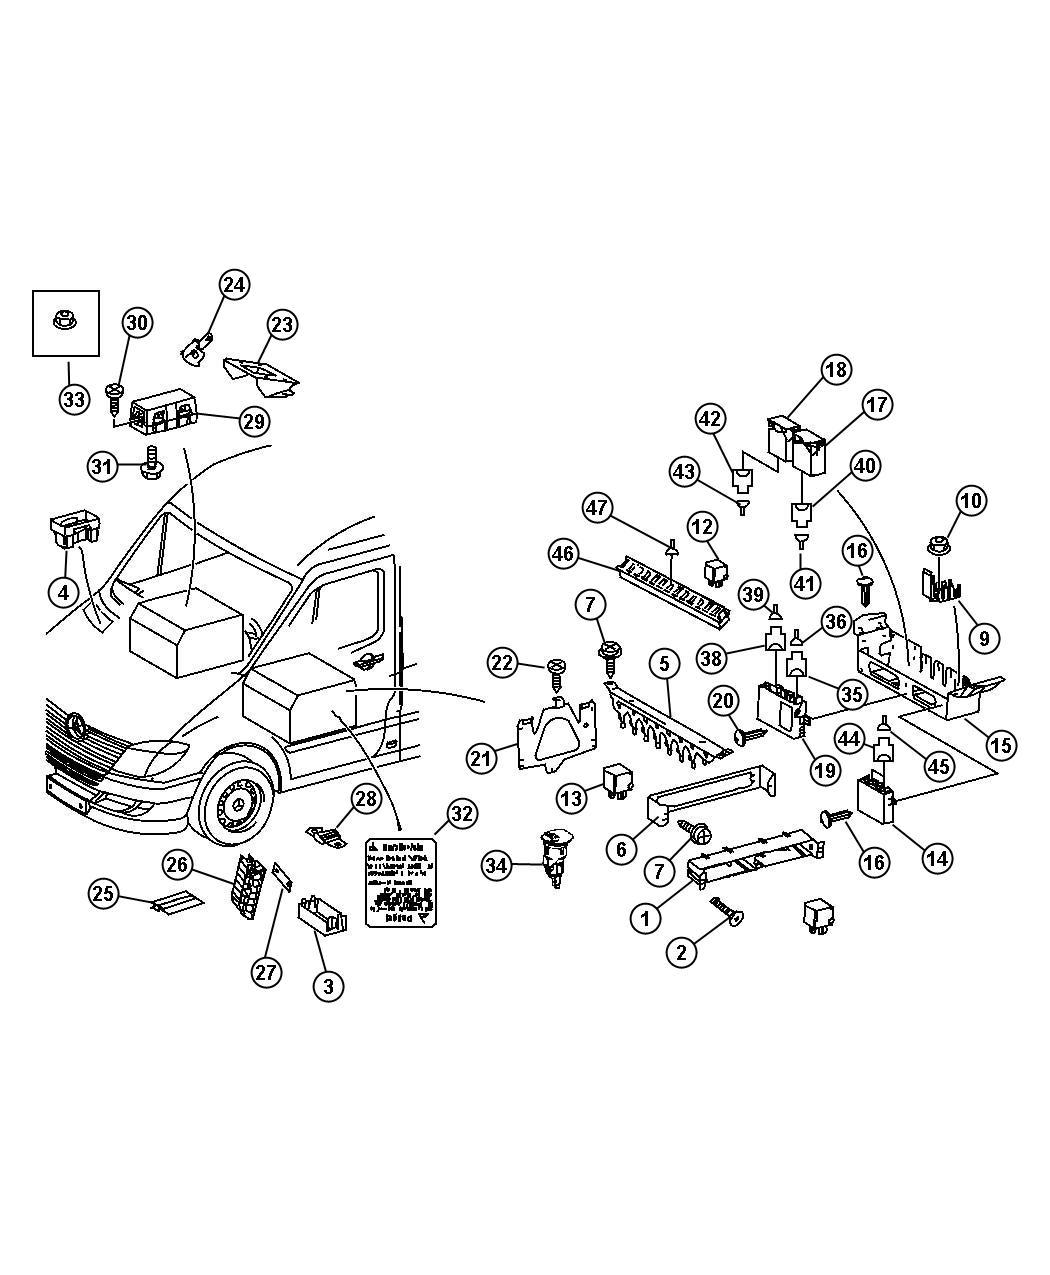 Dodge Sprinter Wiring Diagram